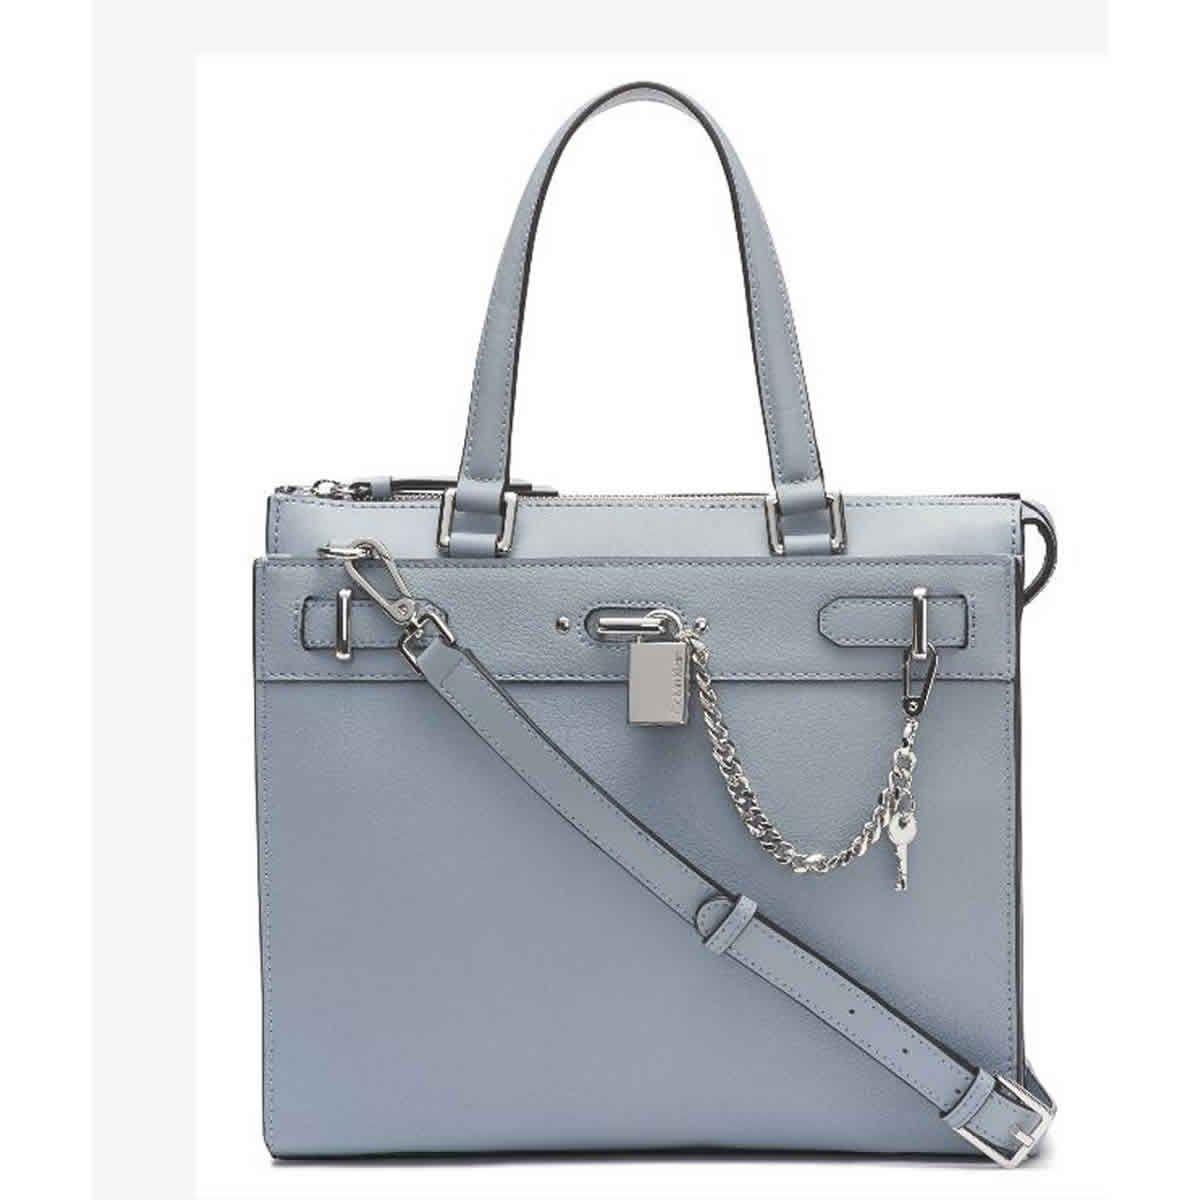 b345444a46c6 Calvin Klein Handbags   Bags - Macy s